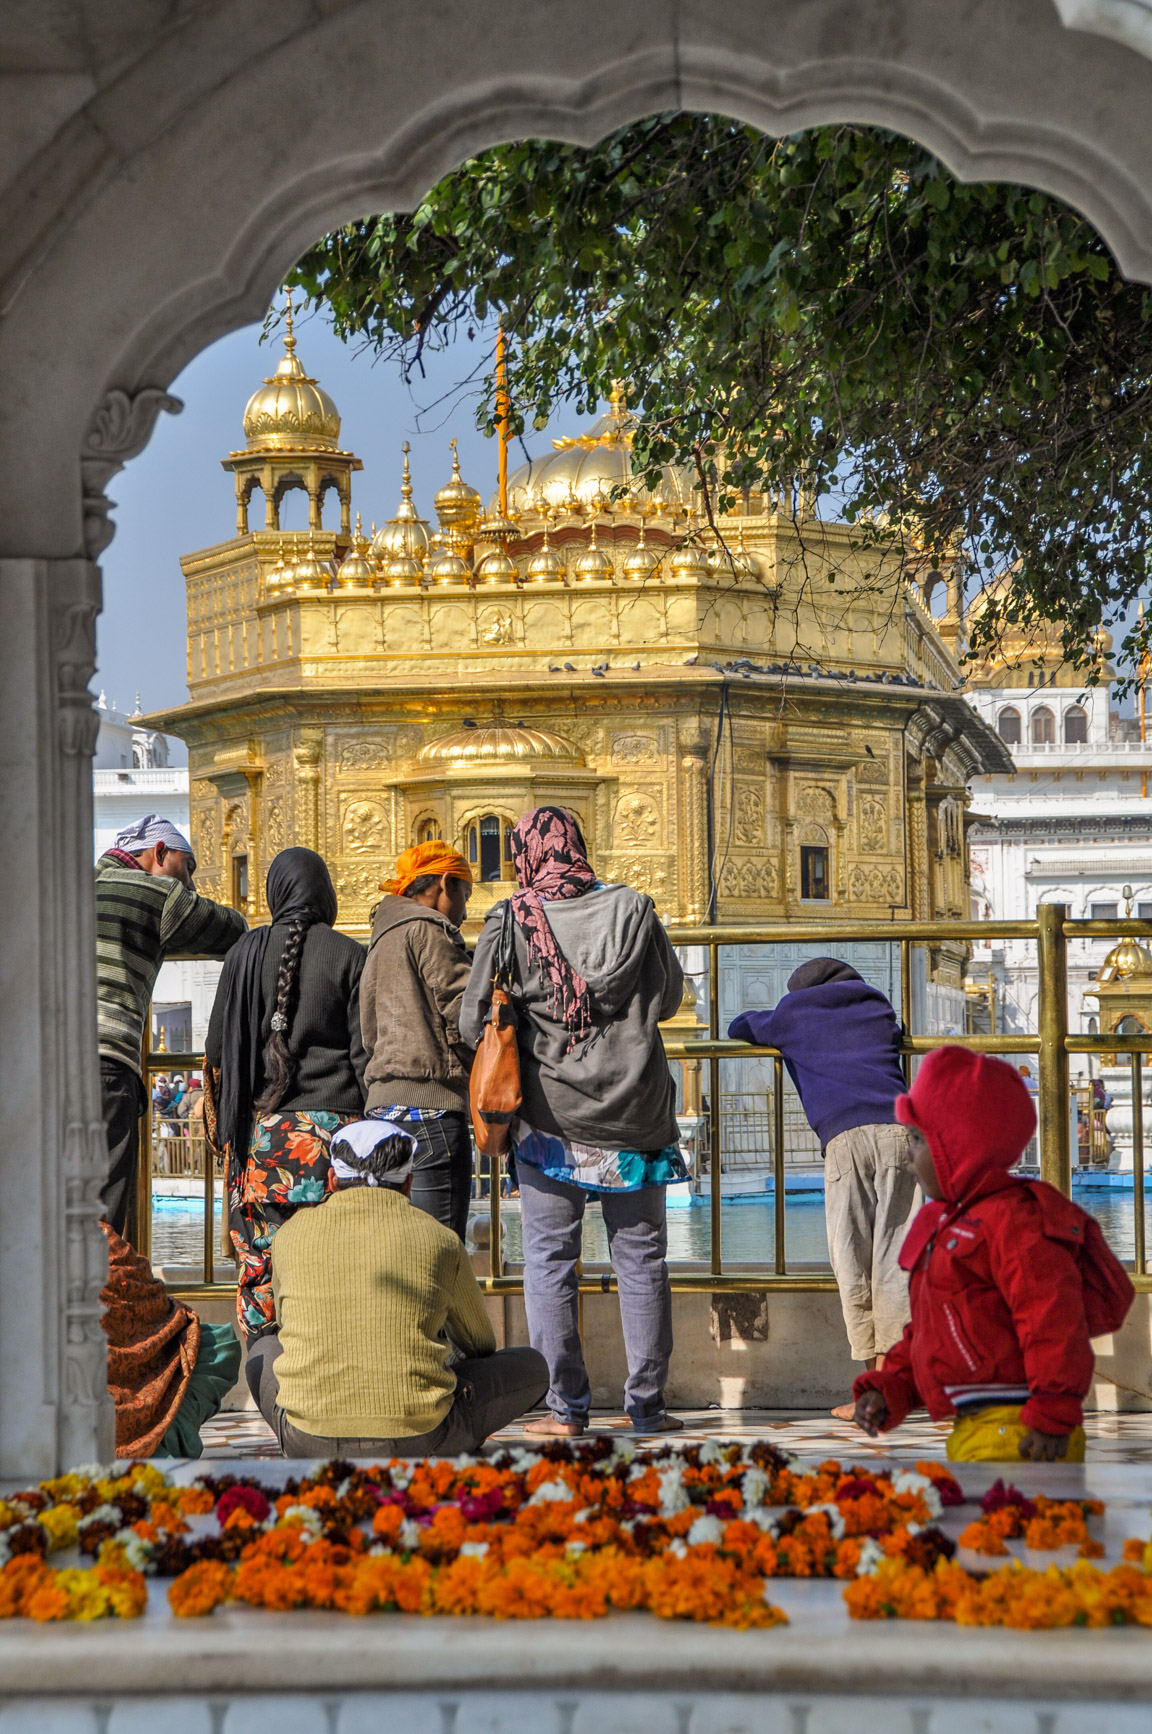 https://bubo.sk/uploads/galleries/3468/tomas_kubus_india_amritsar_dsc_0193.jpg